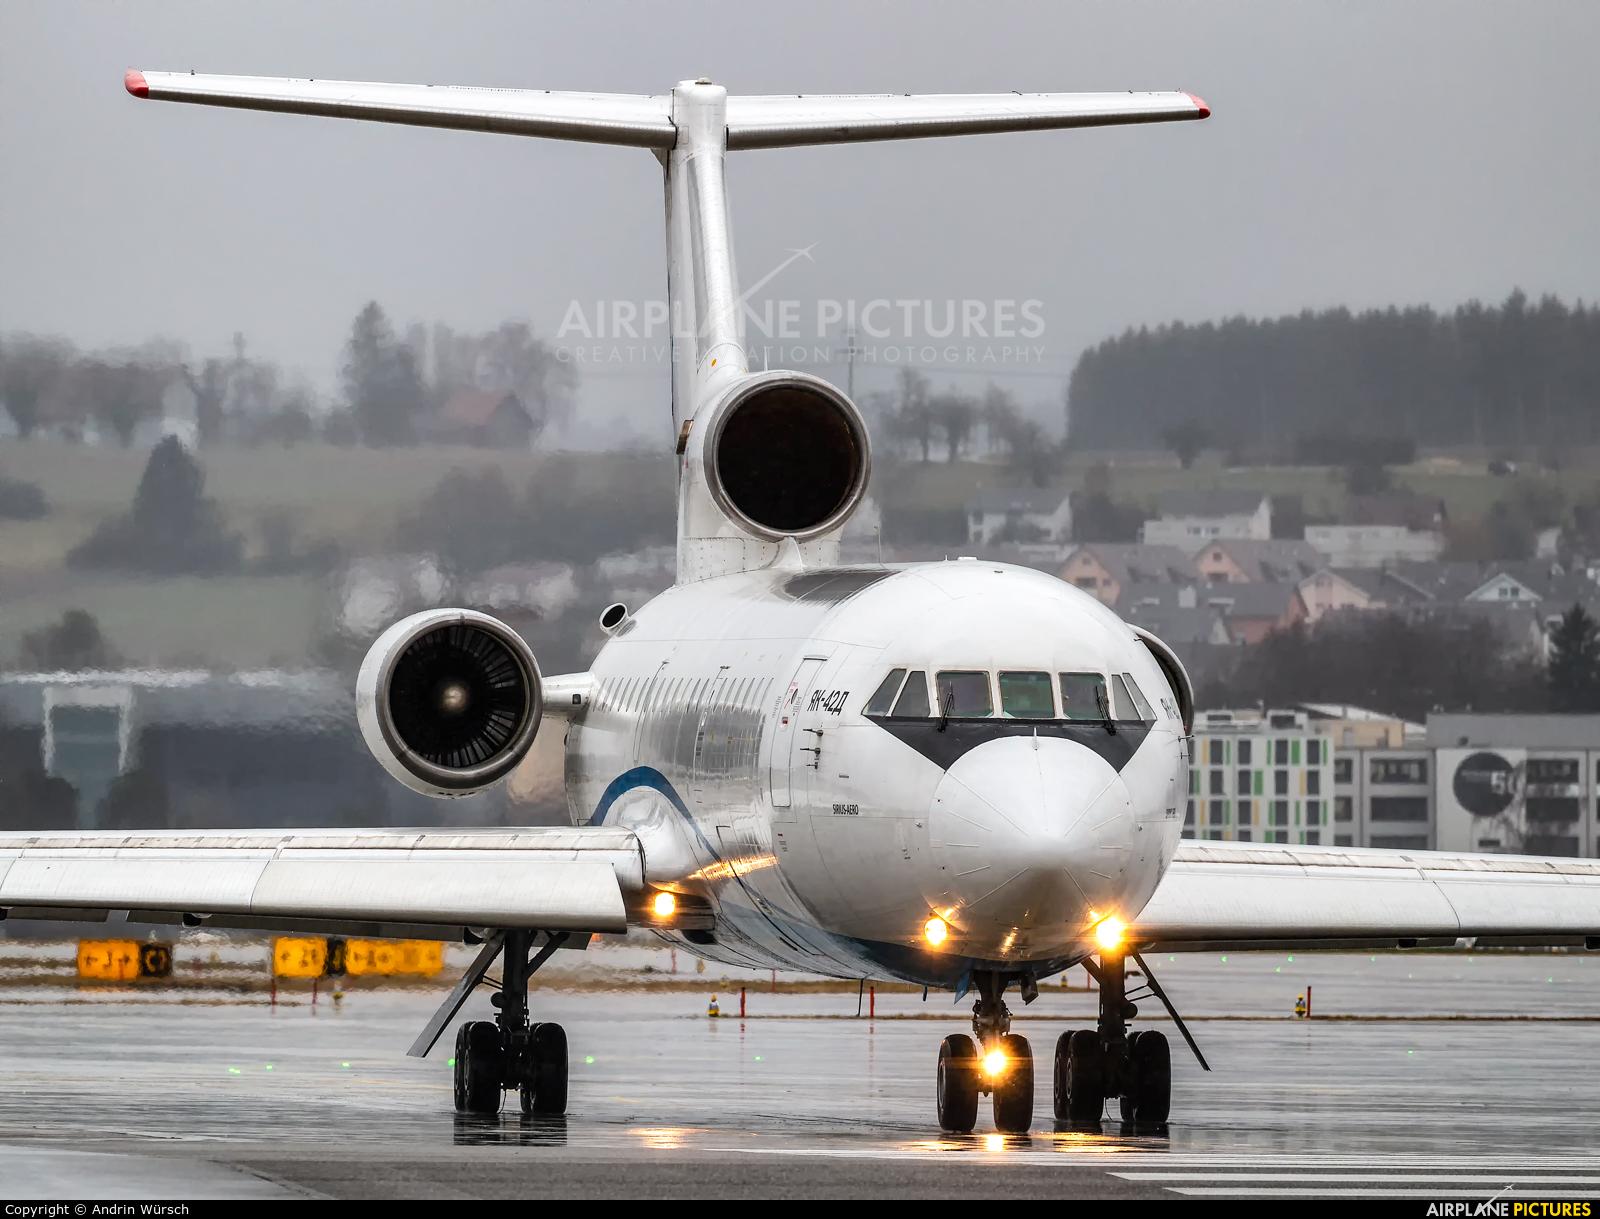 Sirius-Aero RA-42423 aircraft at Zurich